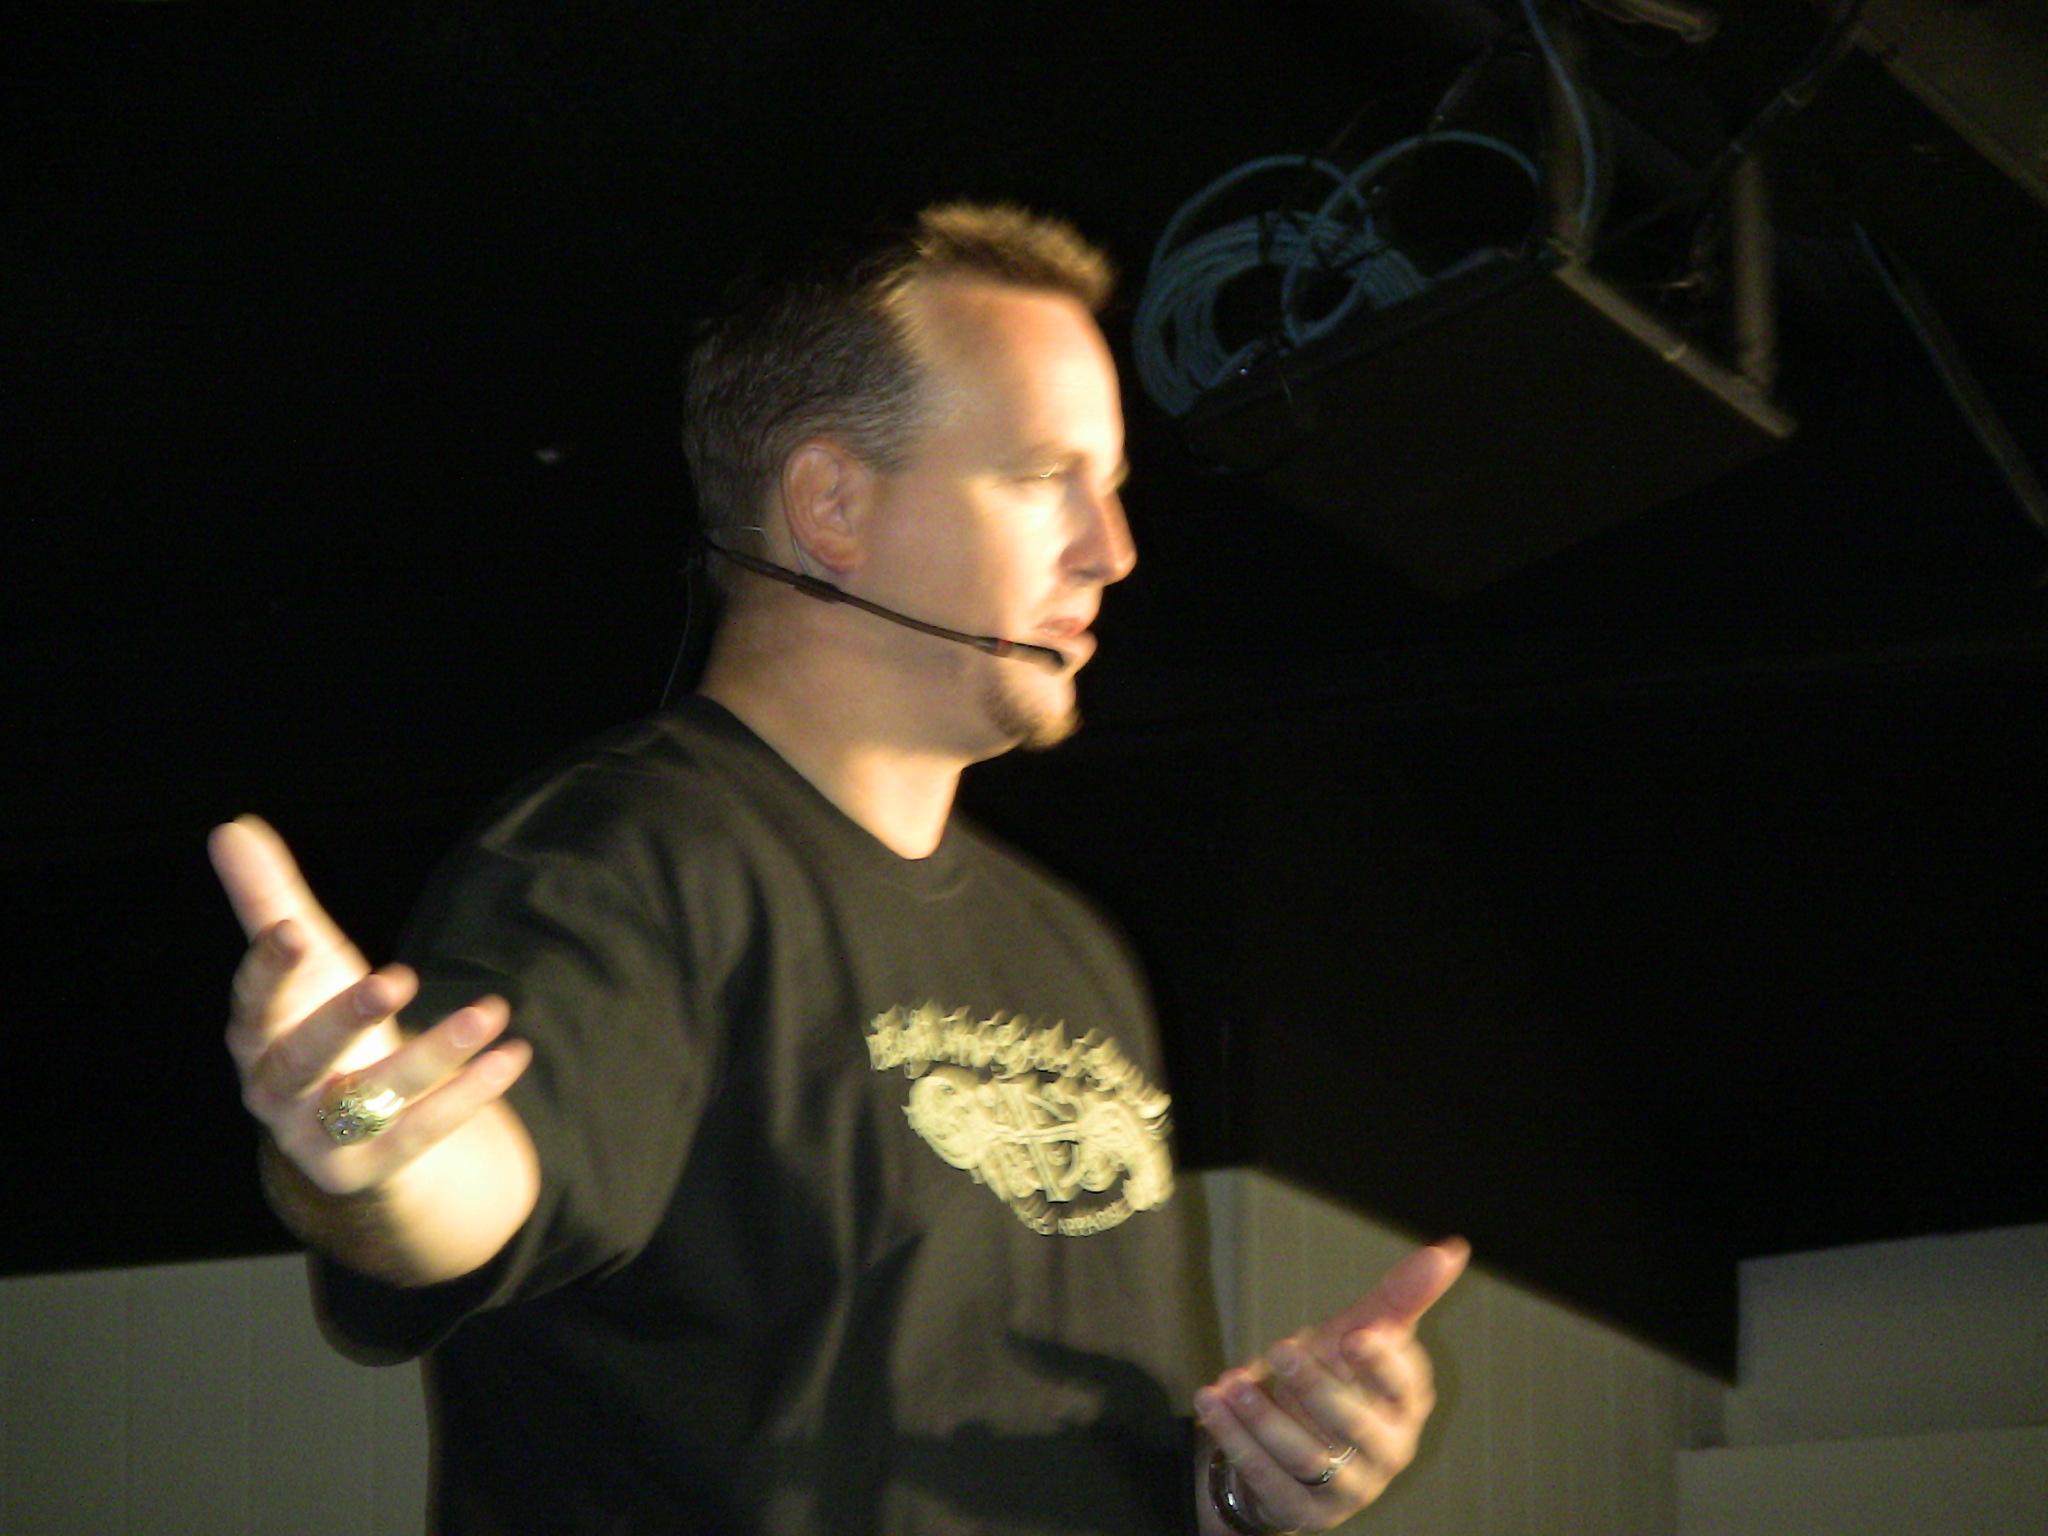 Mike, speaking at Lake Retreat